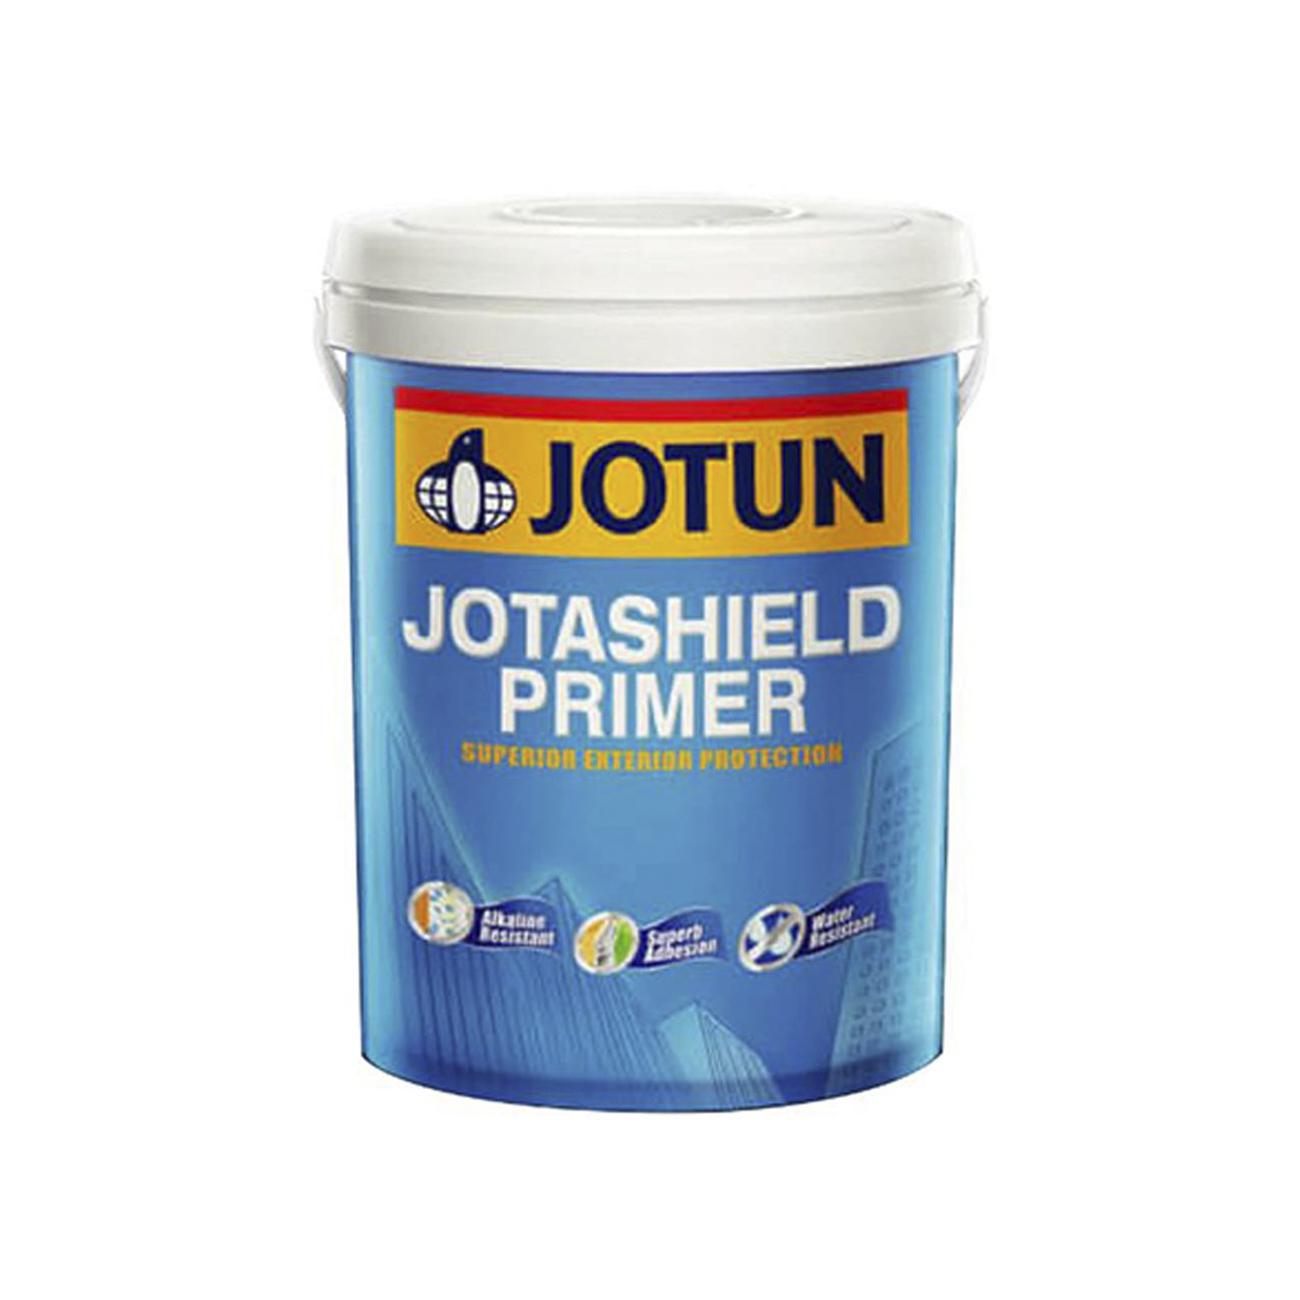 Sơn lót chống kiềm ngoại thất Jotun Jotashield Primer 5 Lít